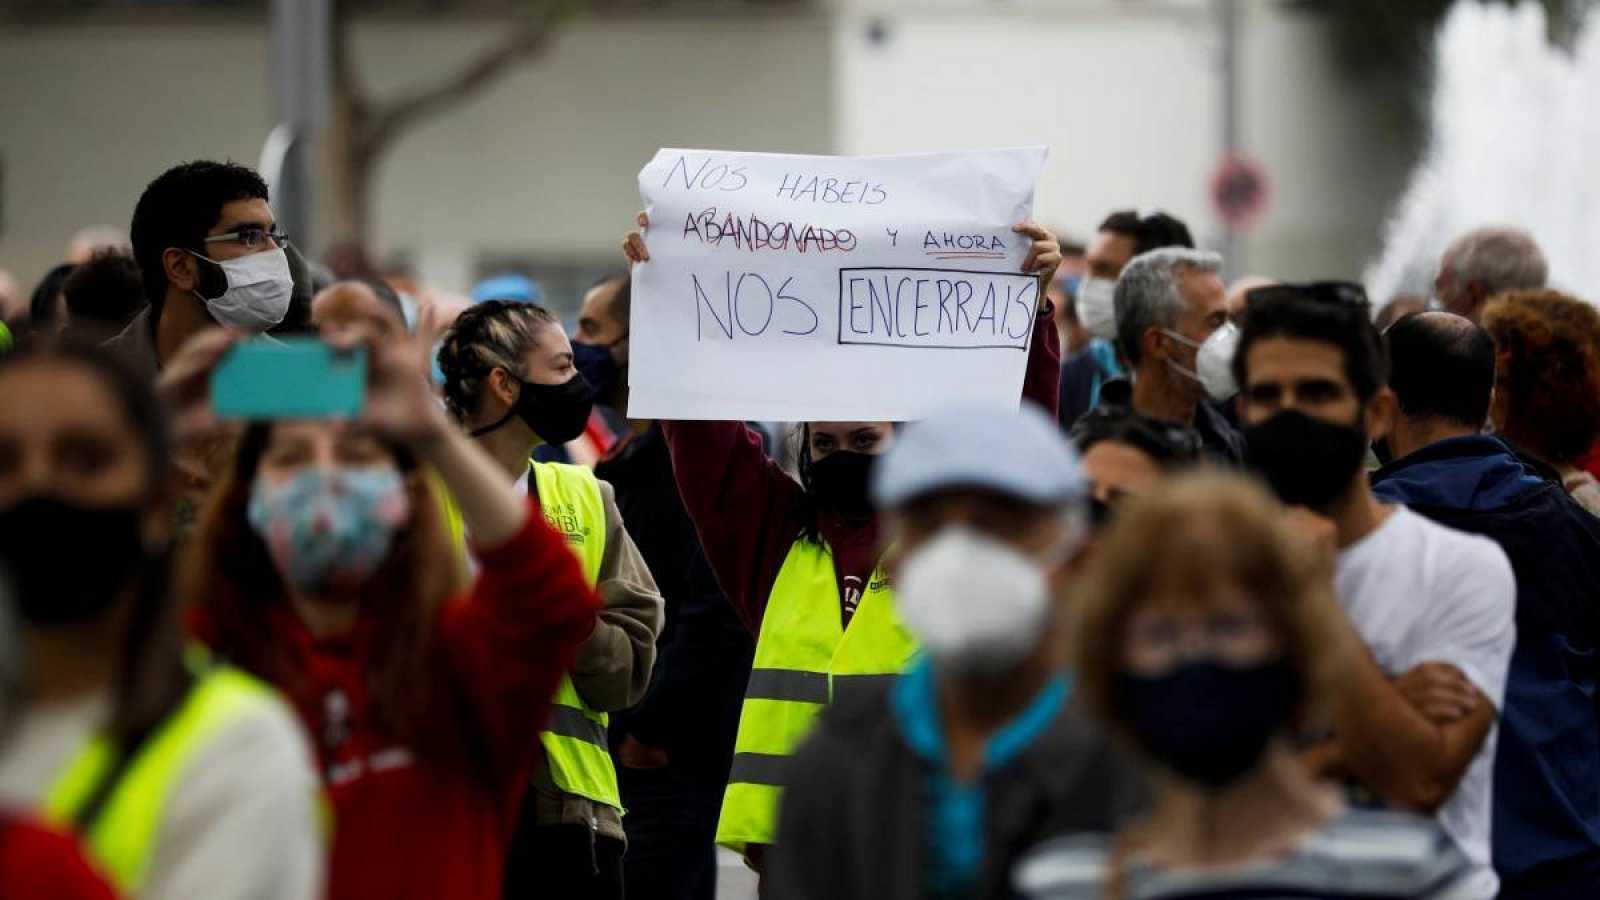 Centenares de personas se concentran este domingo en los alrededores de la Asamblea de Madrid en Vallecas para protestar contra las restricciones de movilidad decretadas por el Gobierno de Isabel Díaz Ayuso